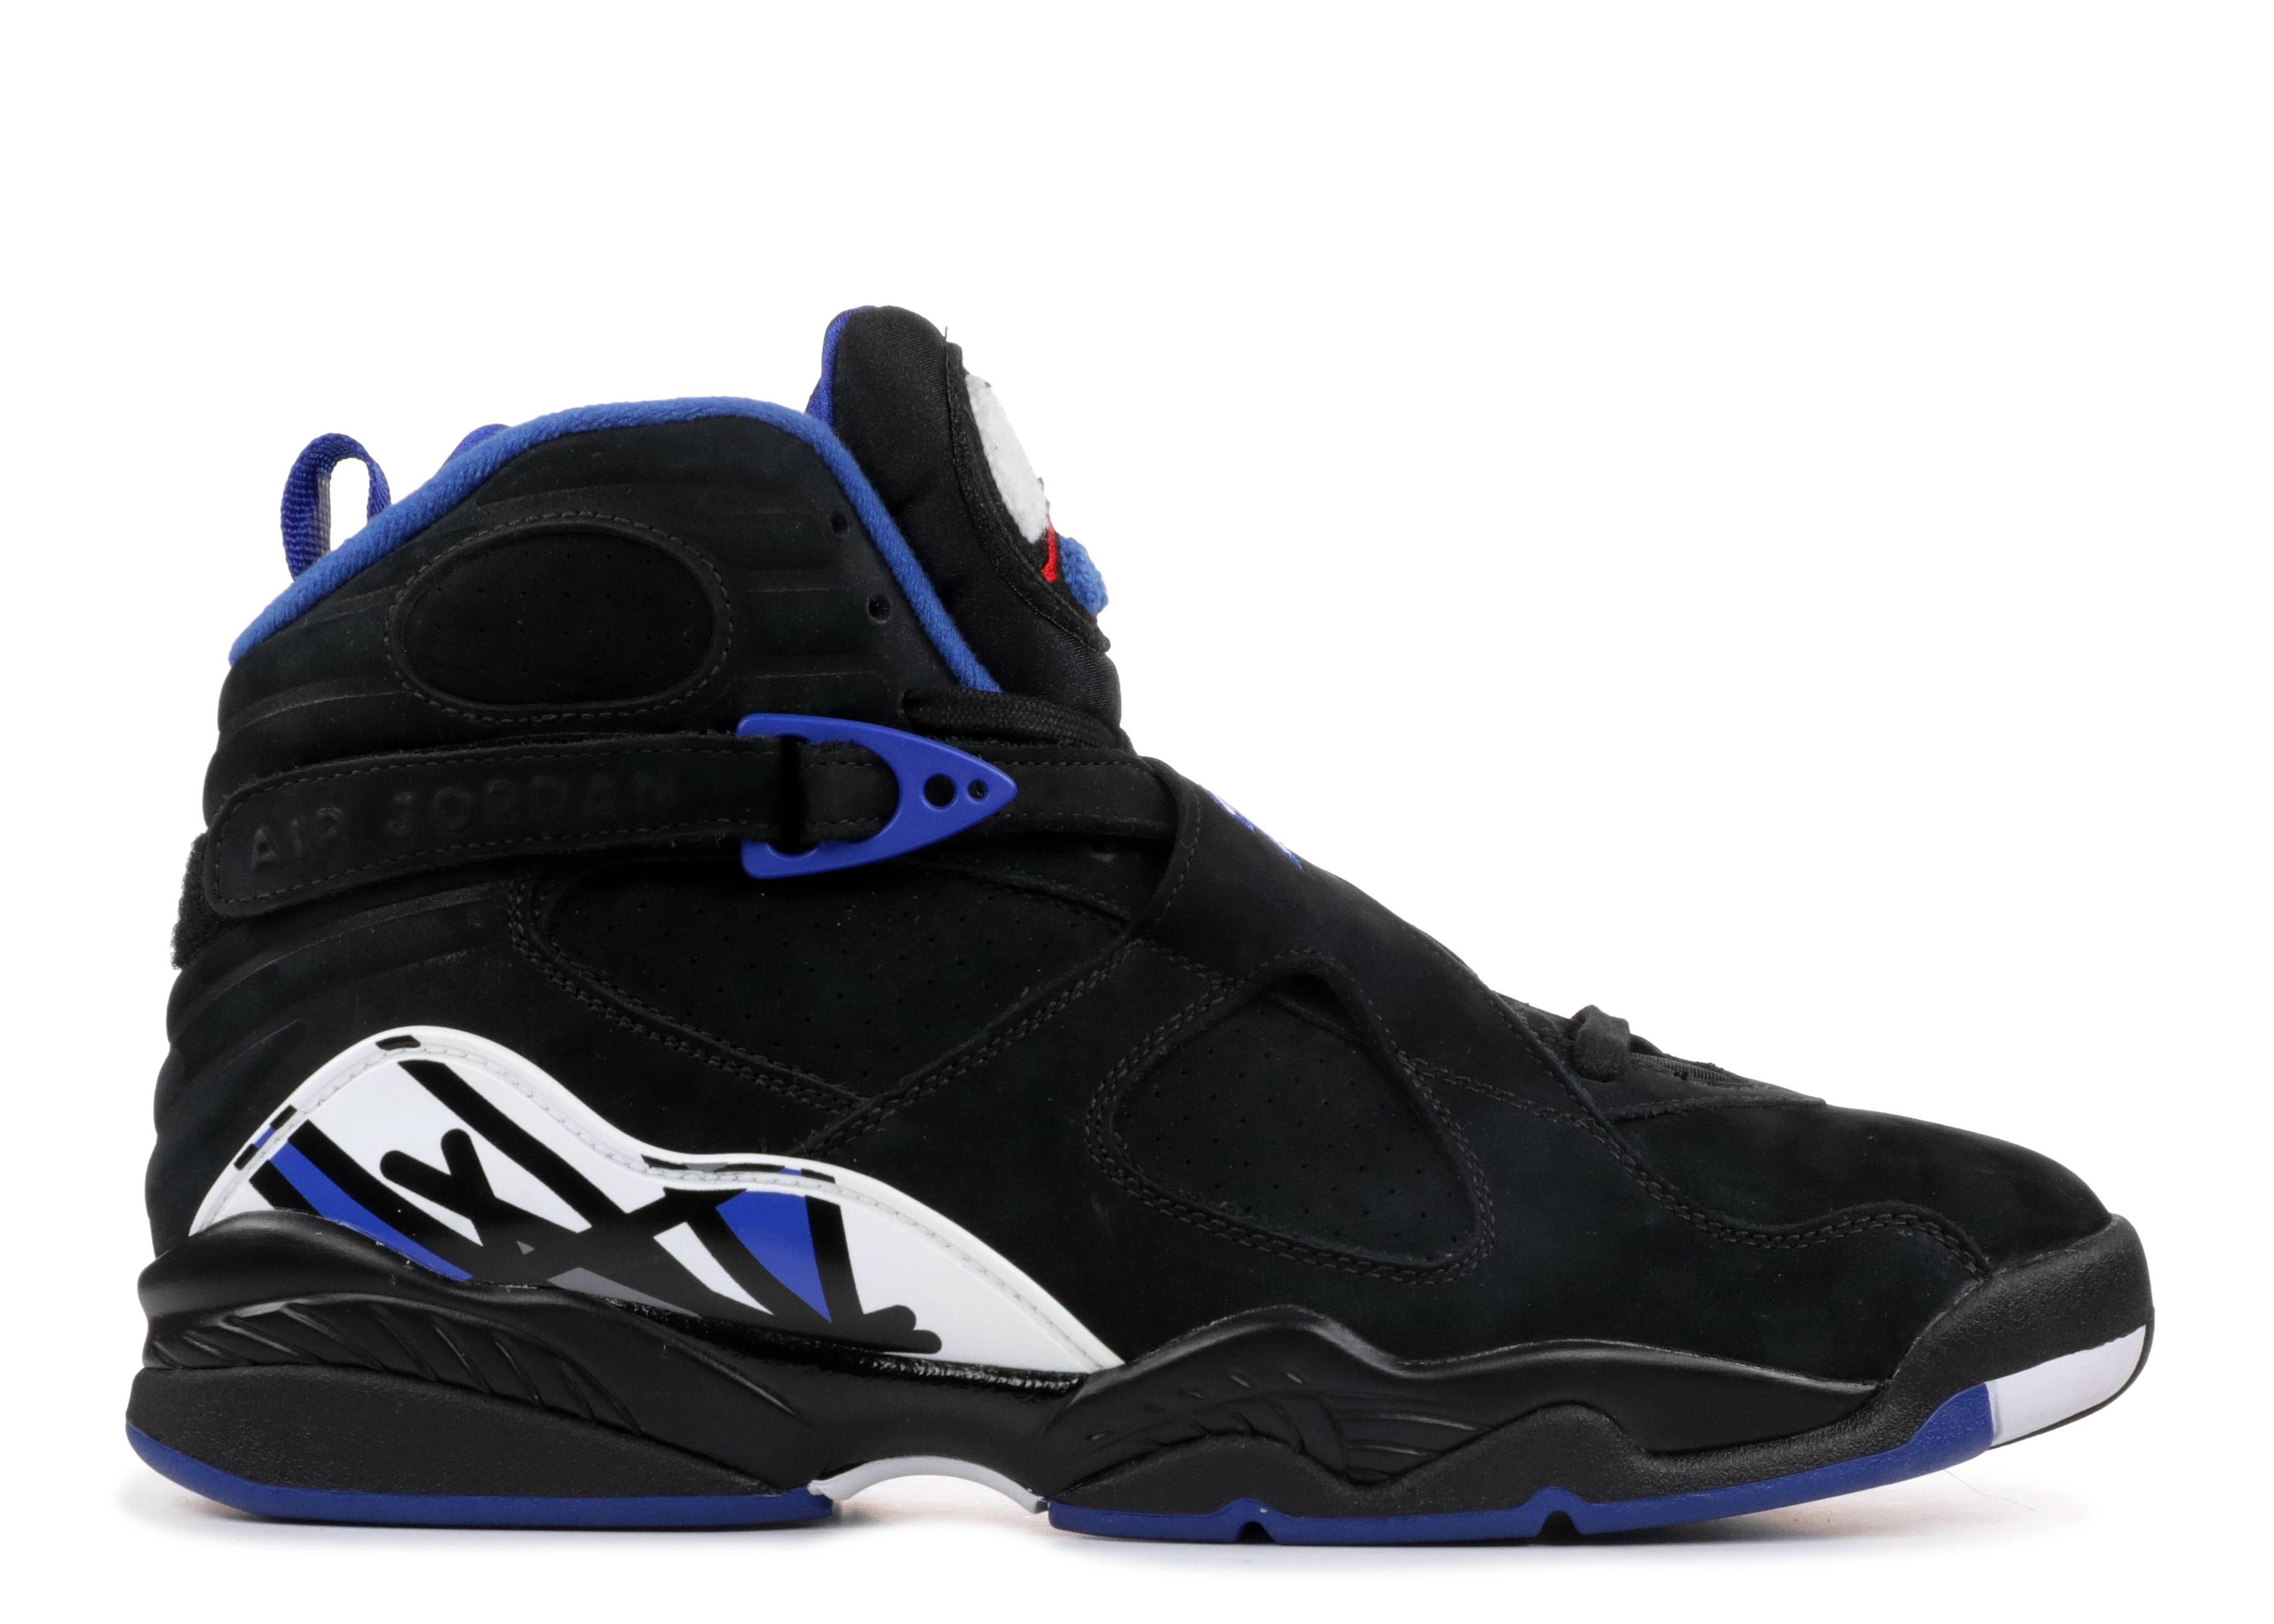 """Air Jordan 8 """"OVO 8 Calipari Pack"""""""